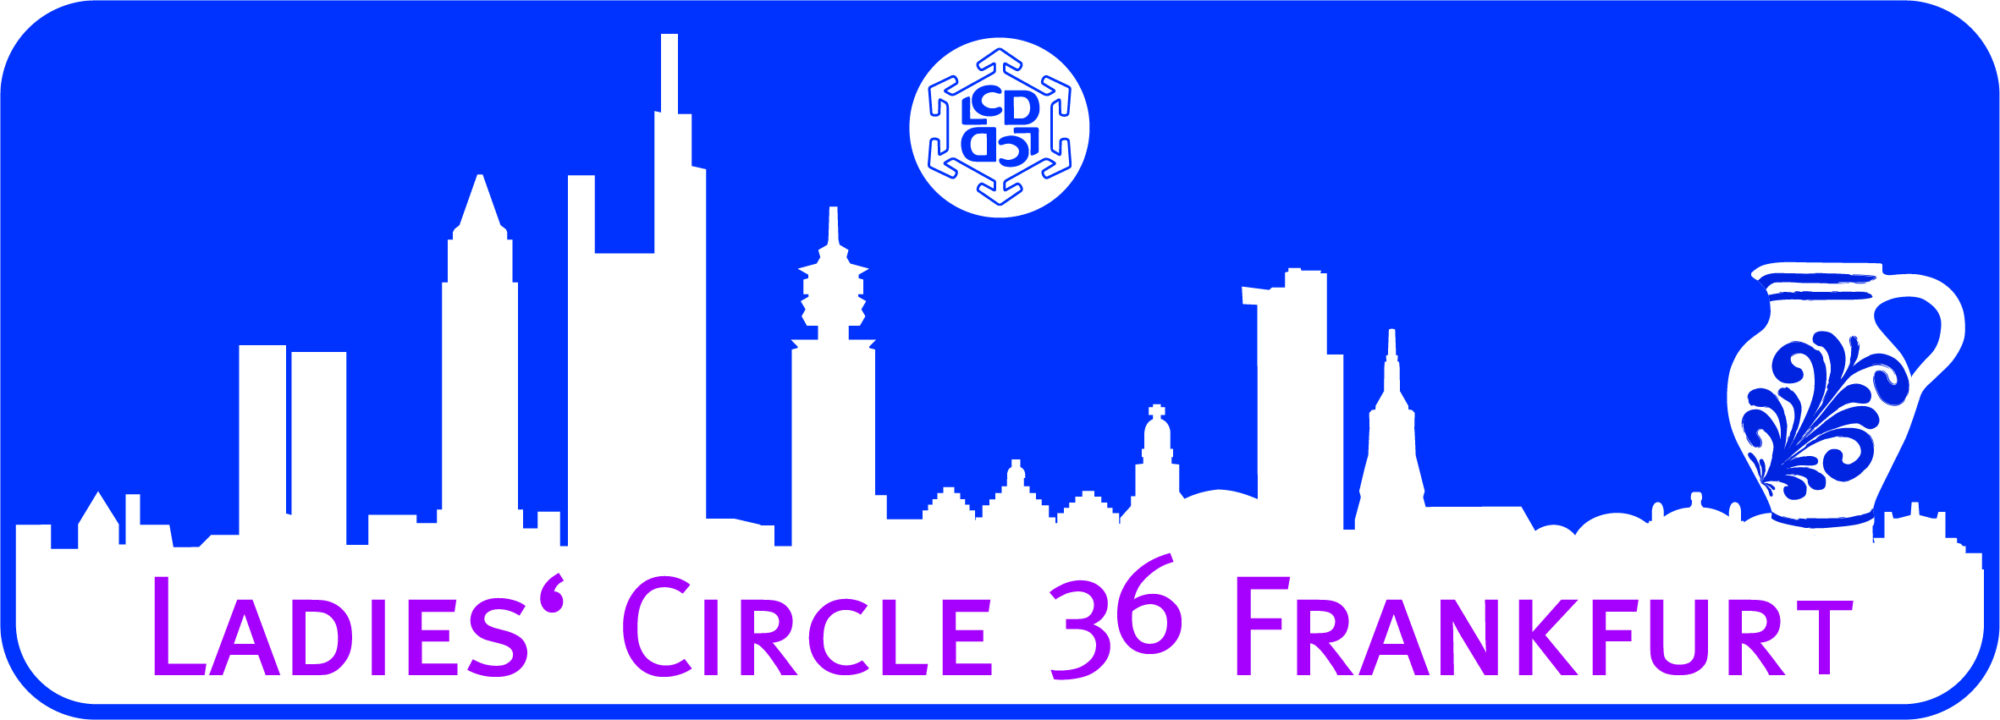 Ladies' Circle 36